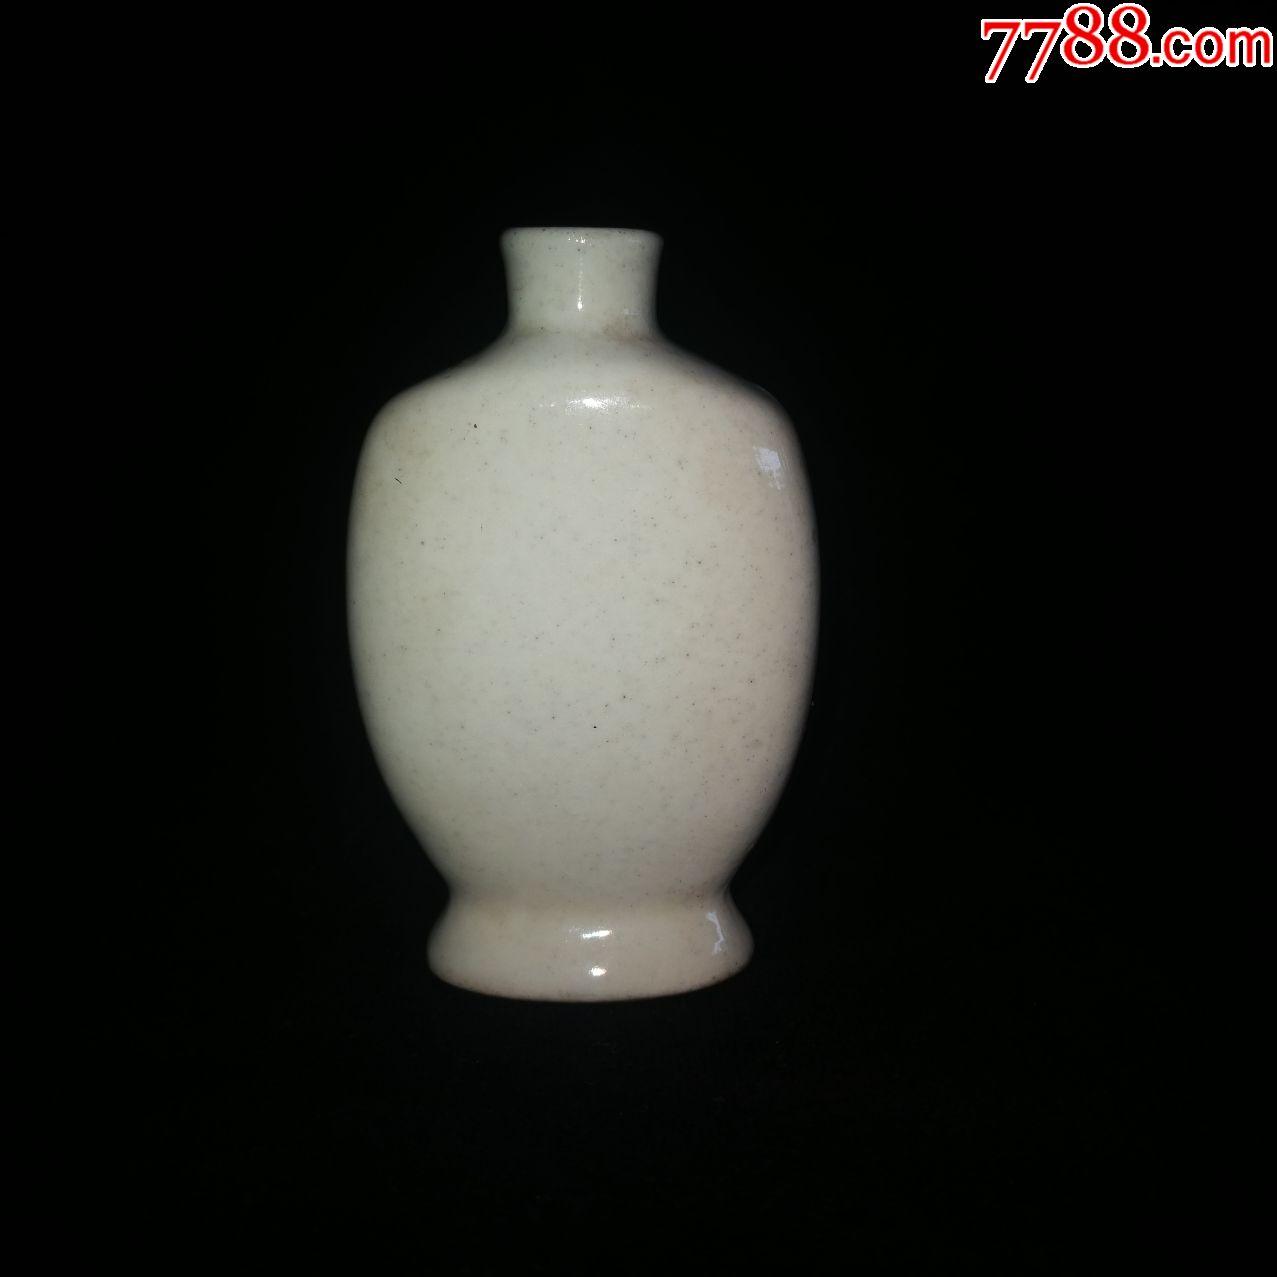 老�瓶清代白瓷小�瓶古玩古董瓷器�雅f老物件民俗�s�包老鼻����(se67483099)_